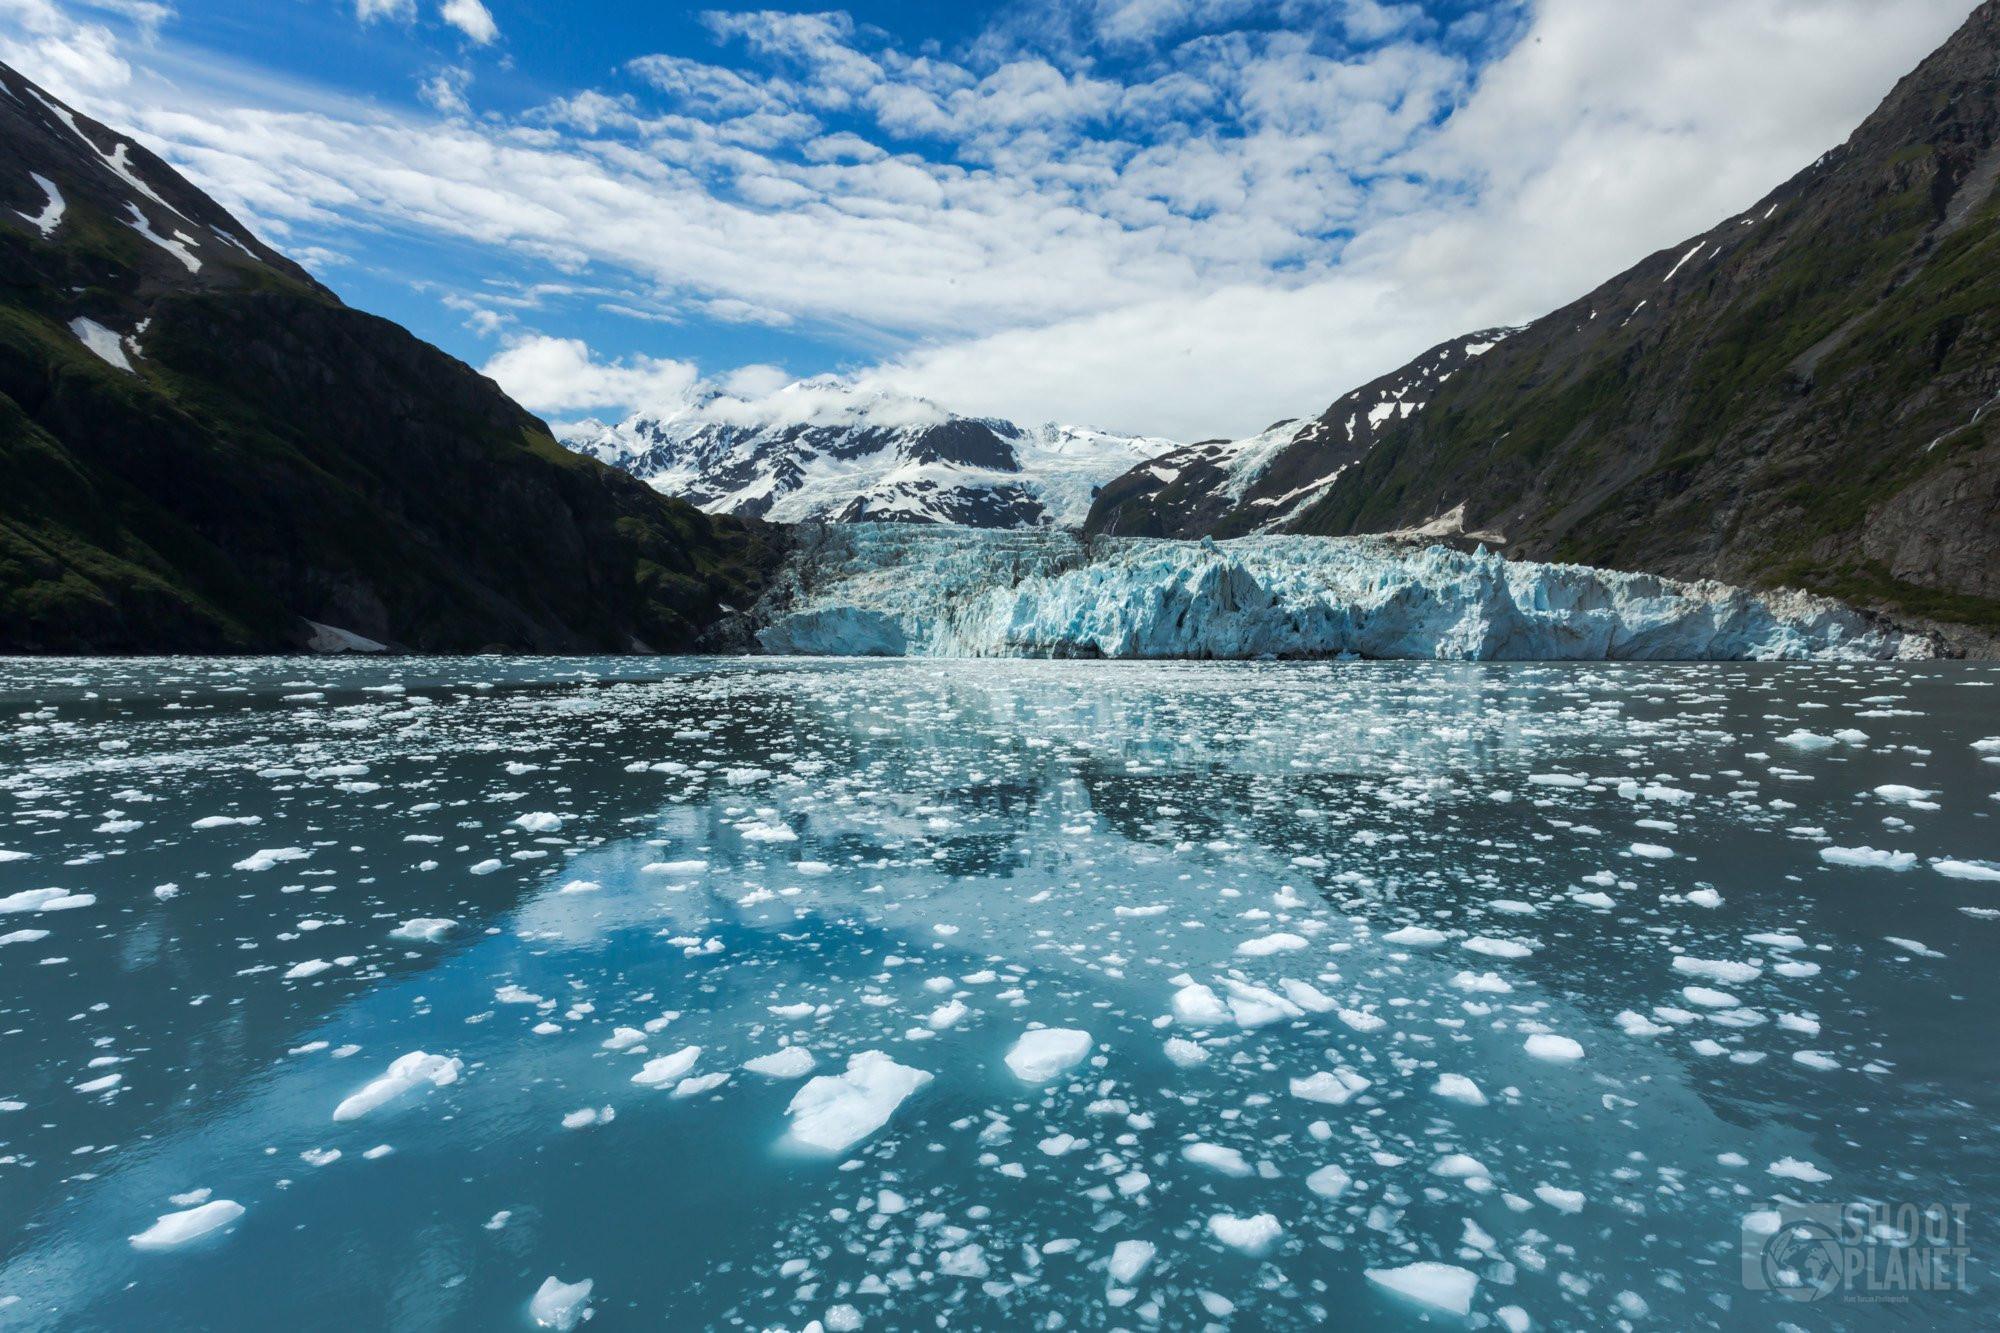 Harvard Glacier College Fjord, Kenai Fjords Alaska